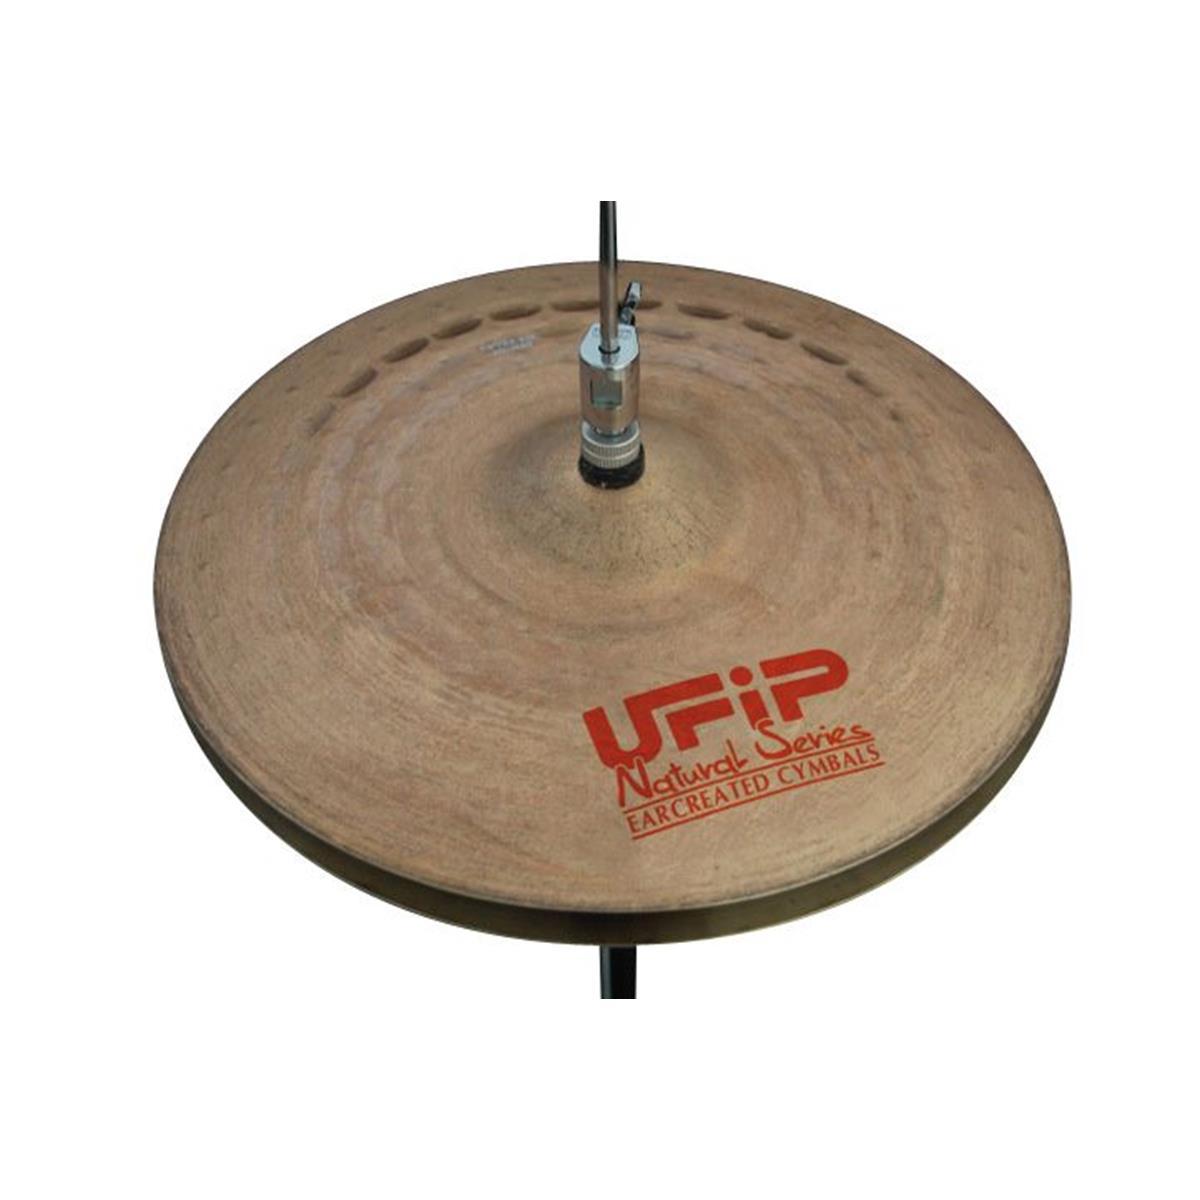 UFIP-NS-14LHH-Natural-Series-14-Light-Hi-Hat-sku-45600161